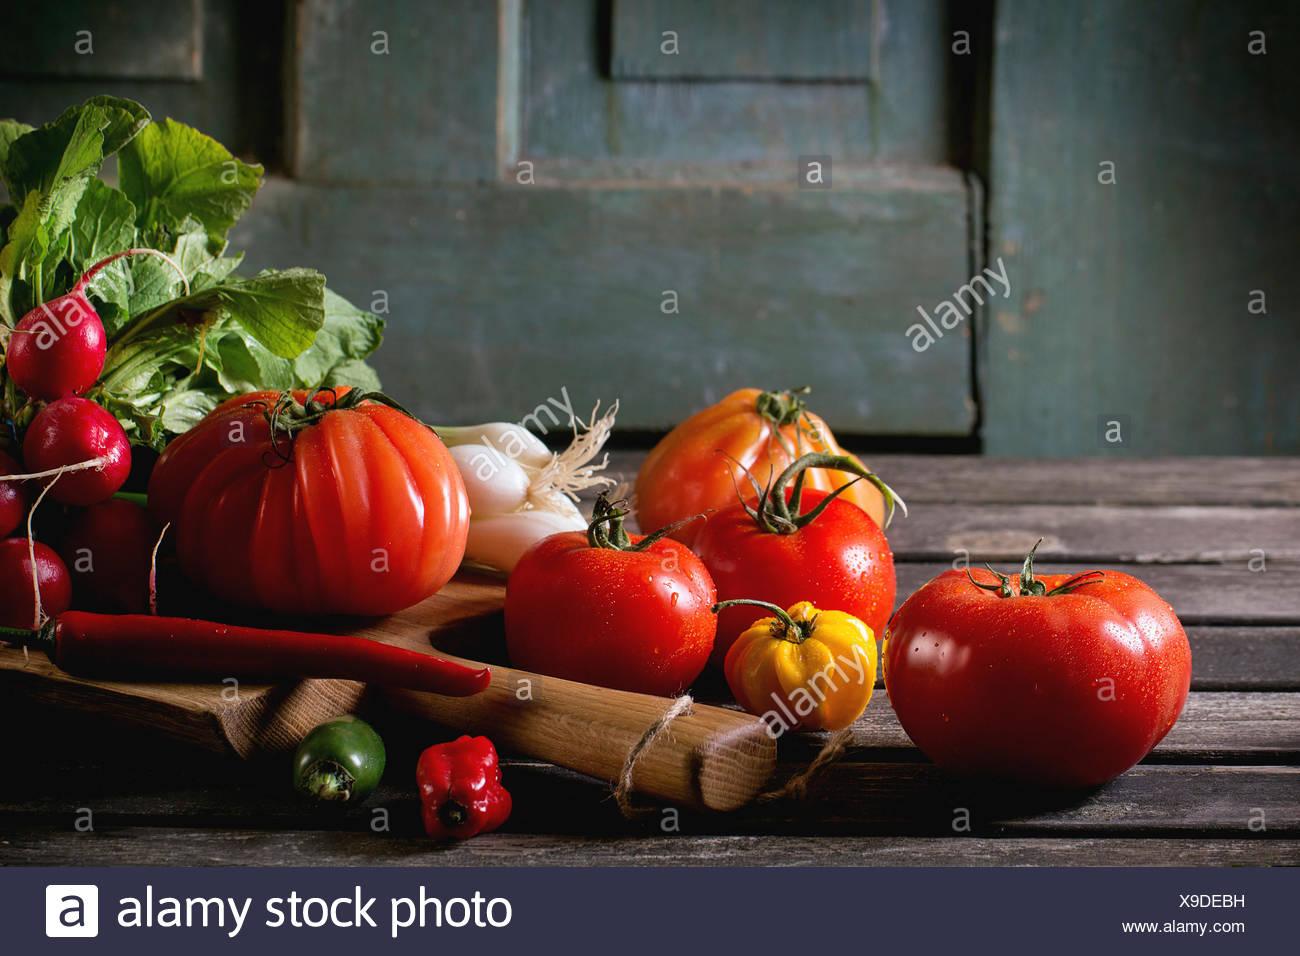 Haufen von Frischgemüse reif bunte Tomaten, Chilischoten, Frühlingszwiebeln und Bündel Radieschen auf Holz hacken an Bord über ol Stockbild